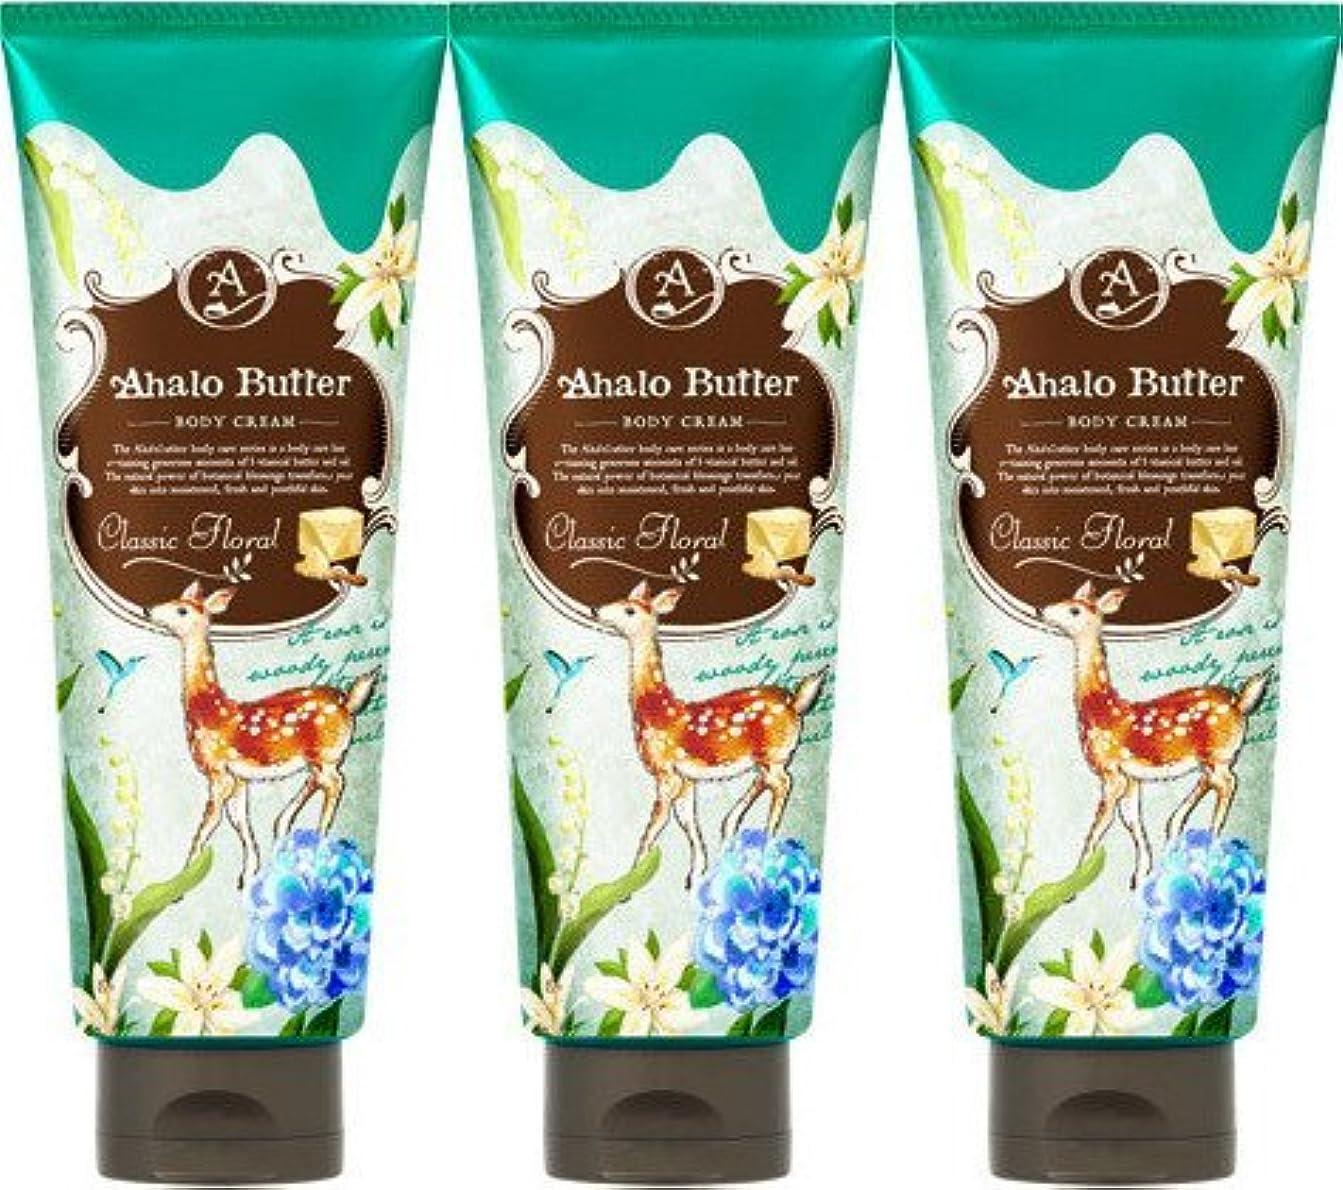 民兵エピソードディレクター【3個セット】Ahalo butter(アハロバター) ボディクリーム クラシックフローラル 150g